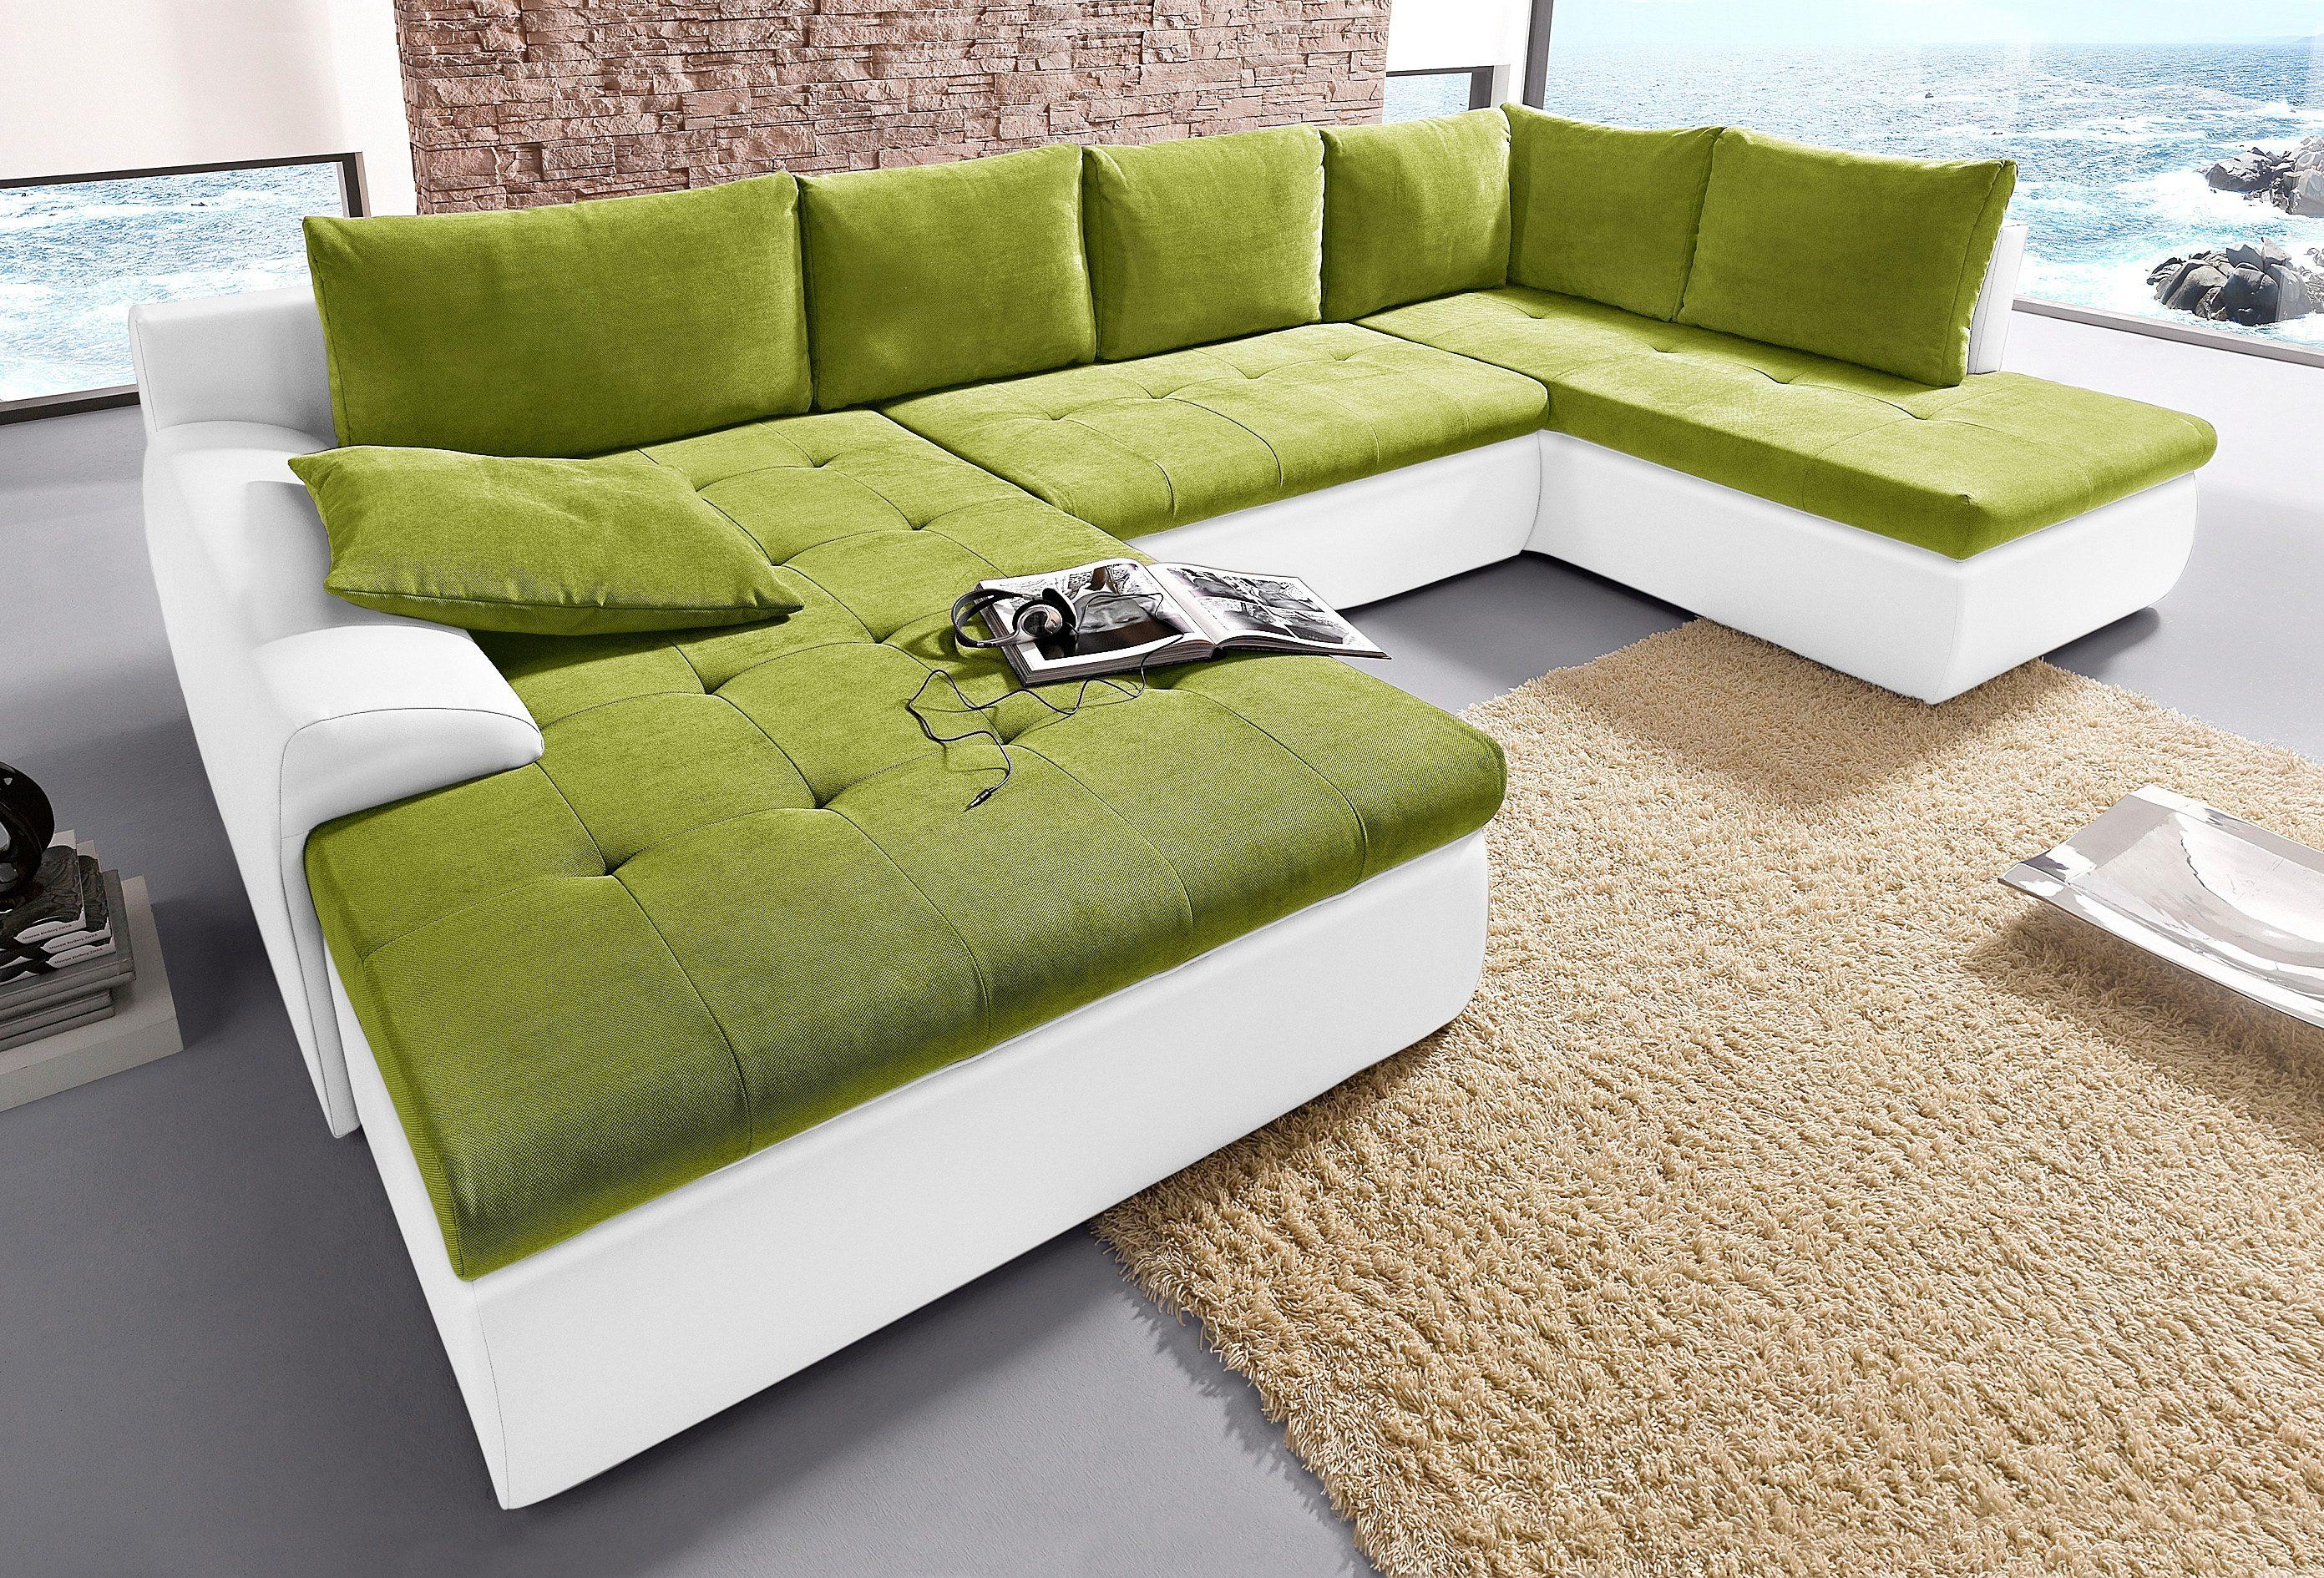 Wohnlandschaft | Wohnzimmer > Sofas & Couches > Wohnlandschaften | Grün | Kunstleder